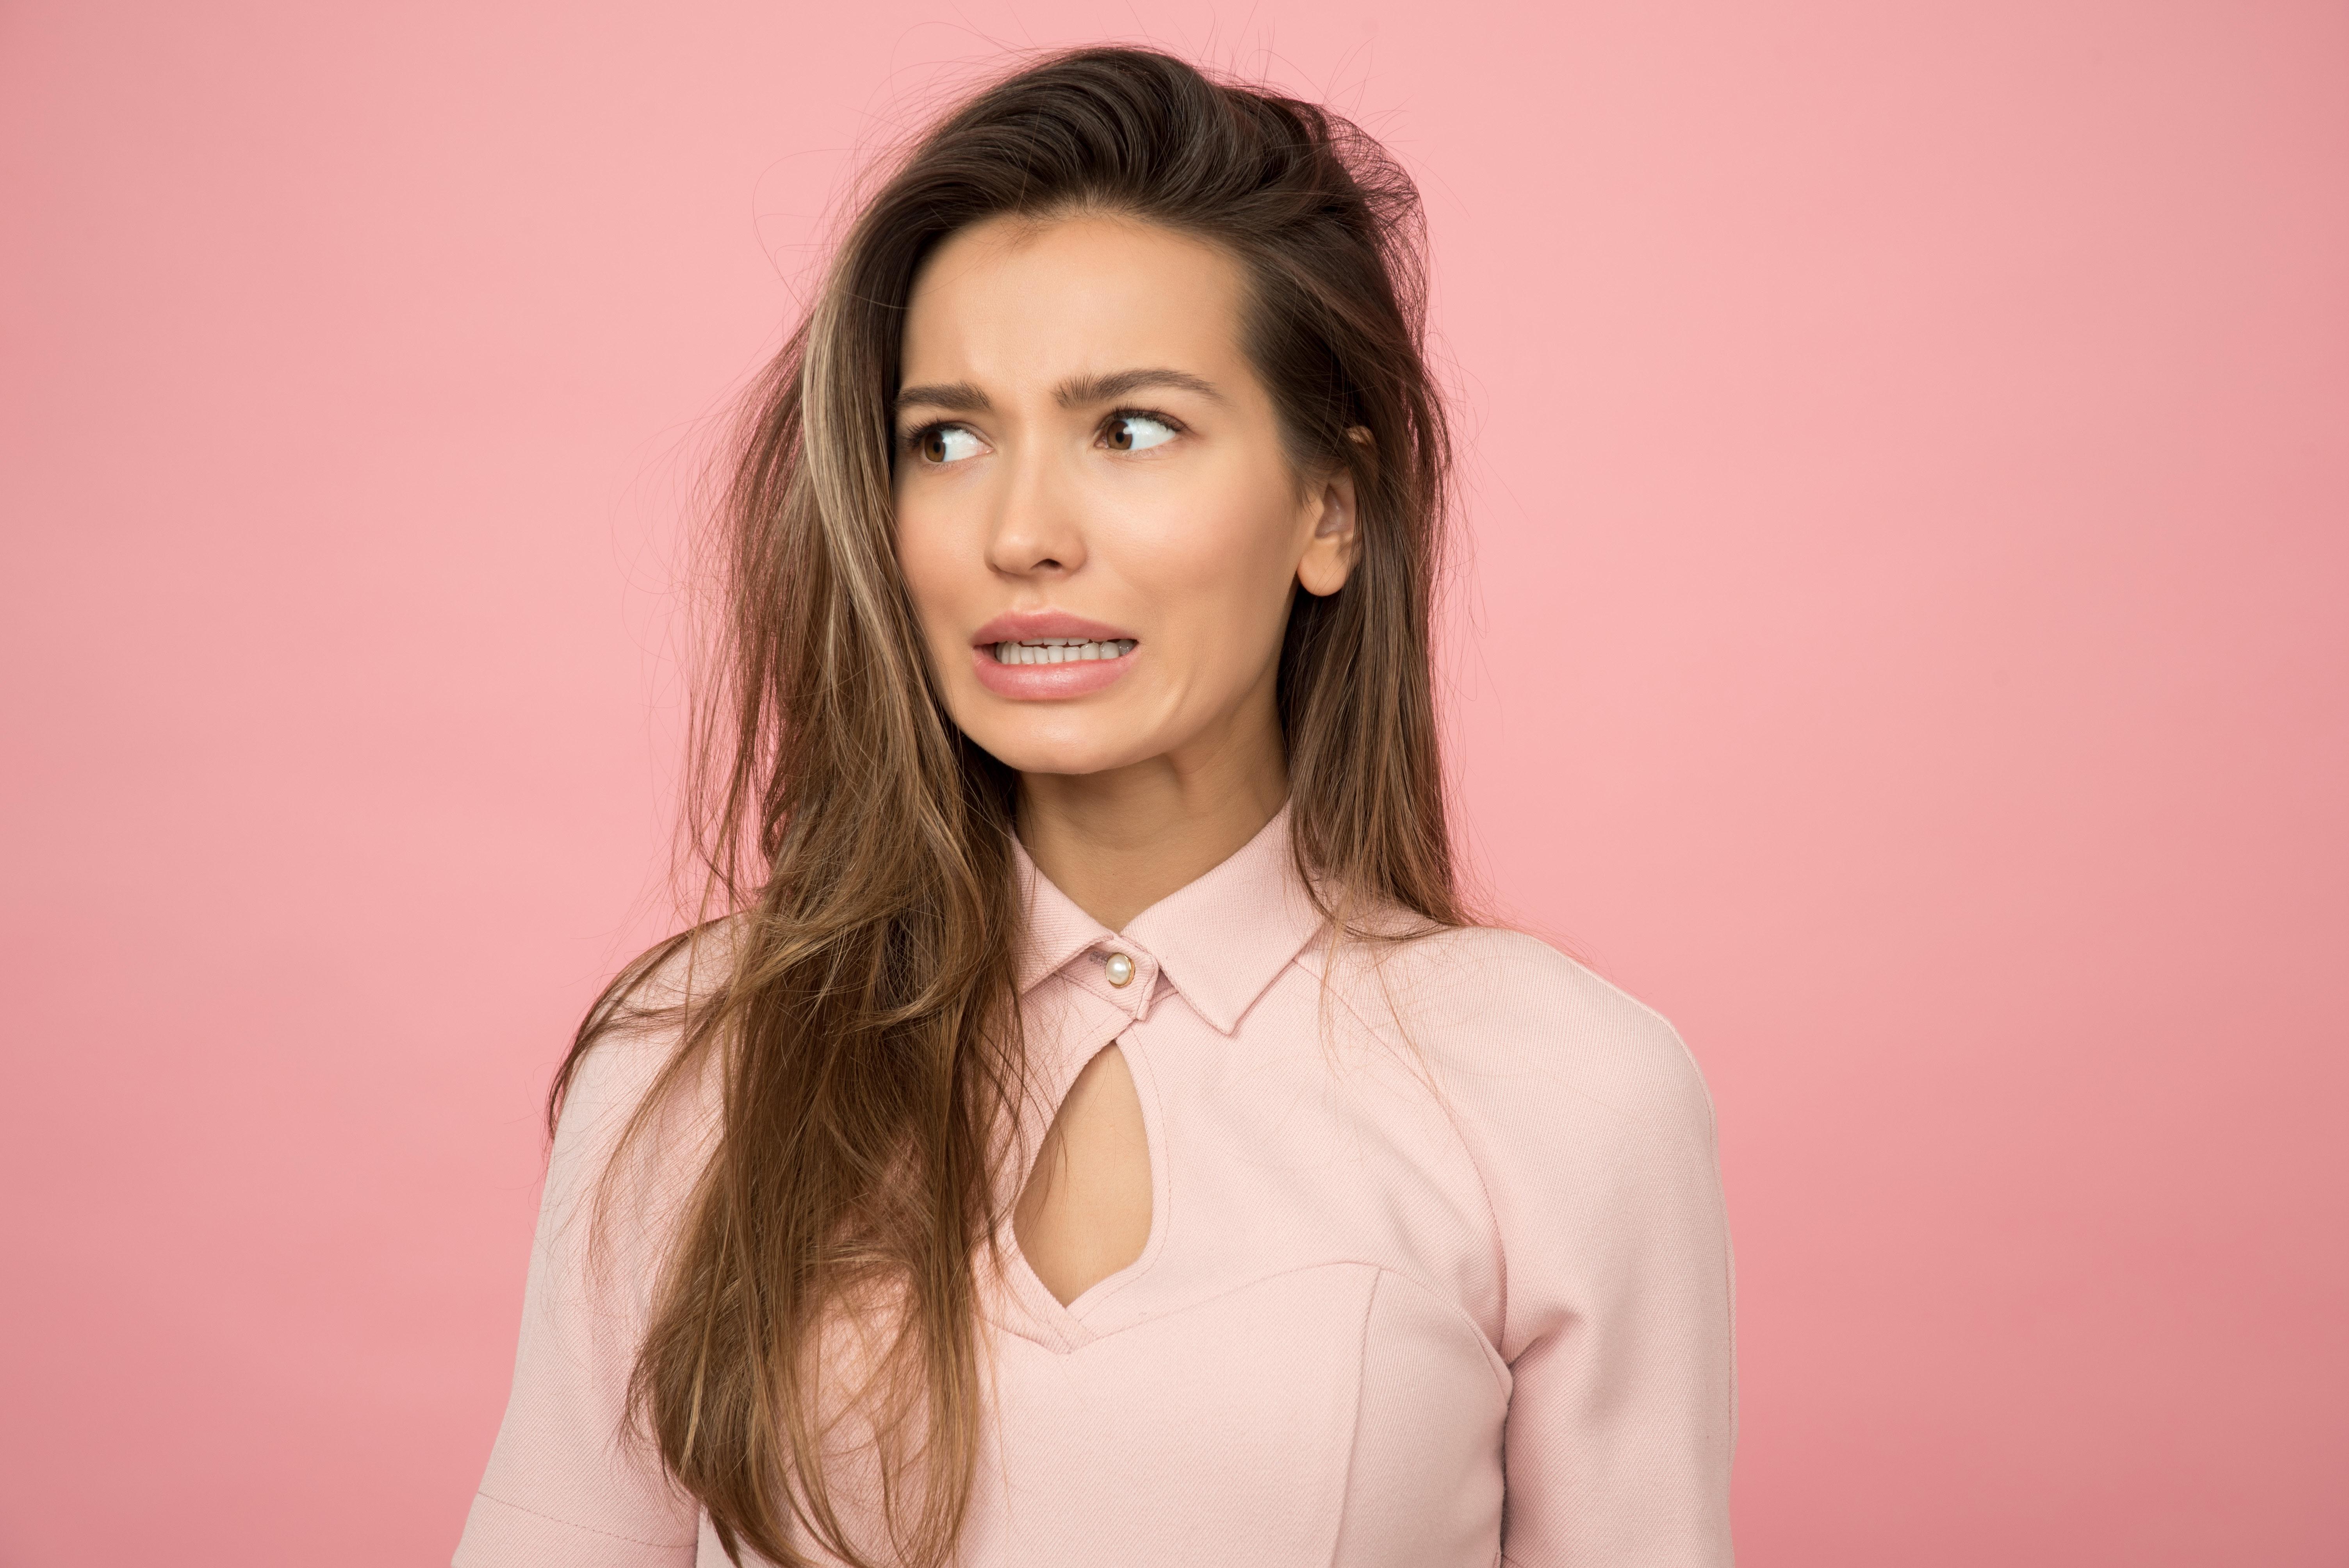 Soluciones Simples Que Pueden Ayudarte A Evitar La Incontinencia Urinaria